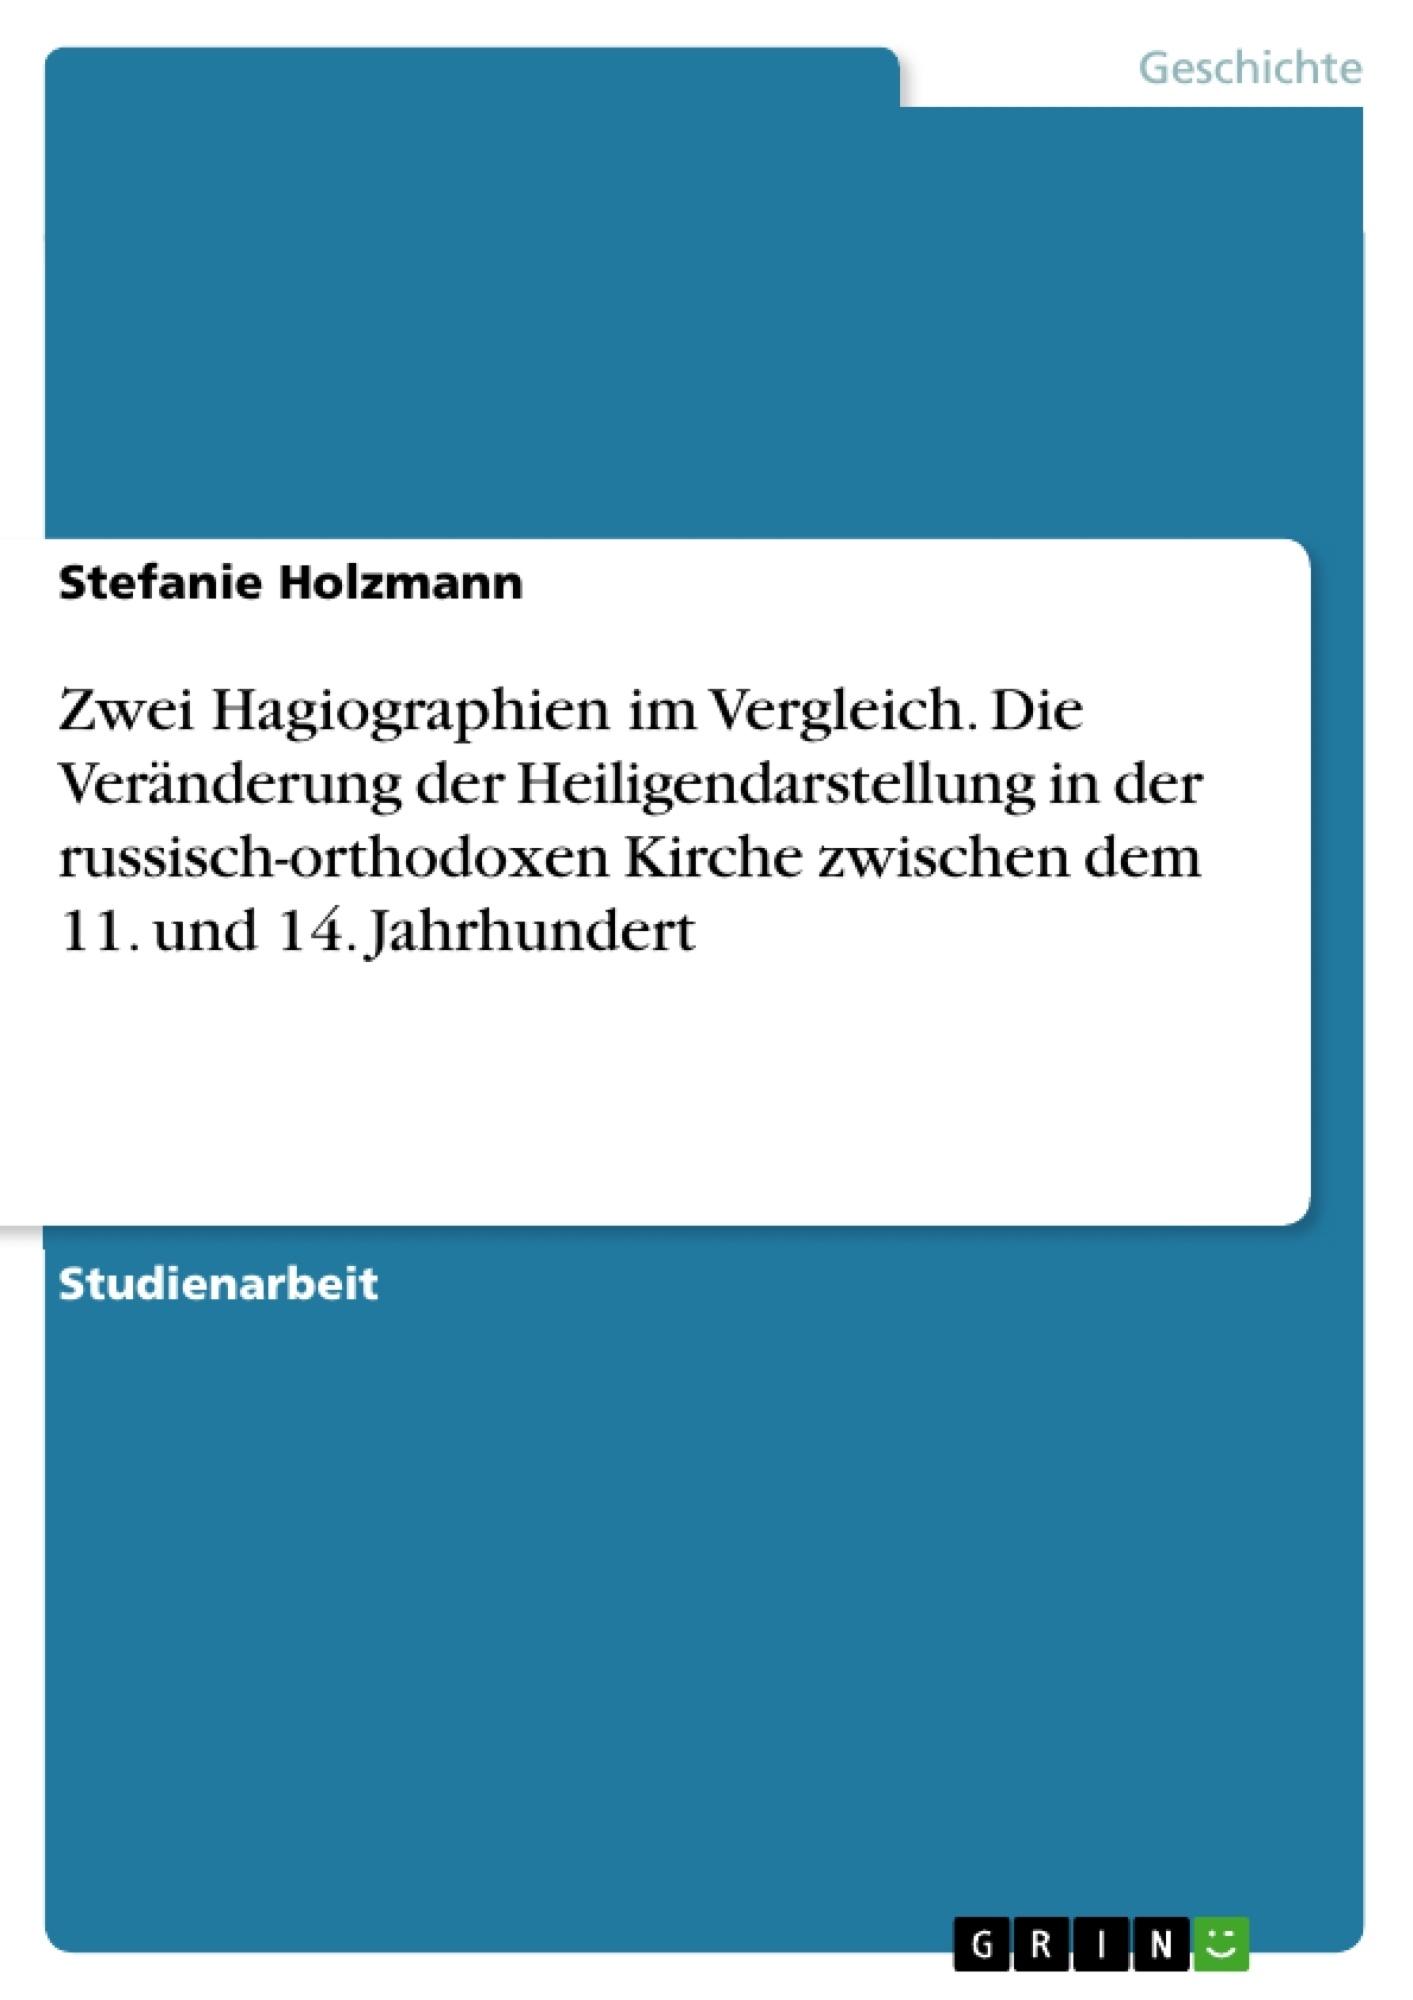 Titel: Zwei Hagiographien im Vergleich. Die Veränderung der Heiligendarstellung in der russisch-orthodoxen Kirche zwischen dem 11. und 14. Jahrhundert